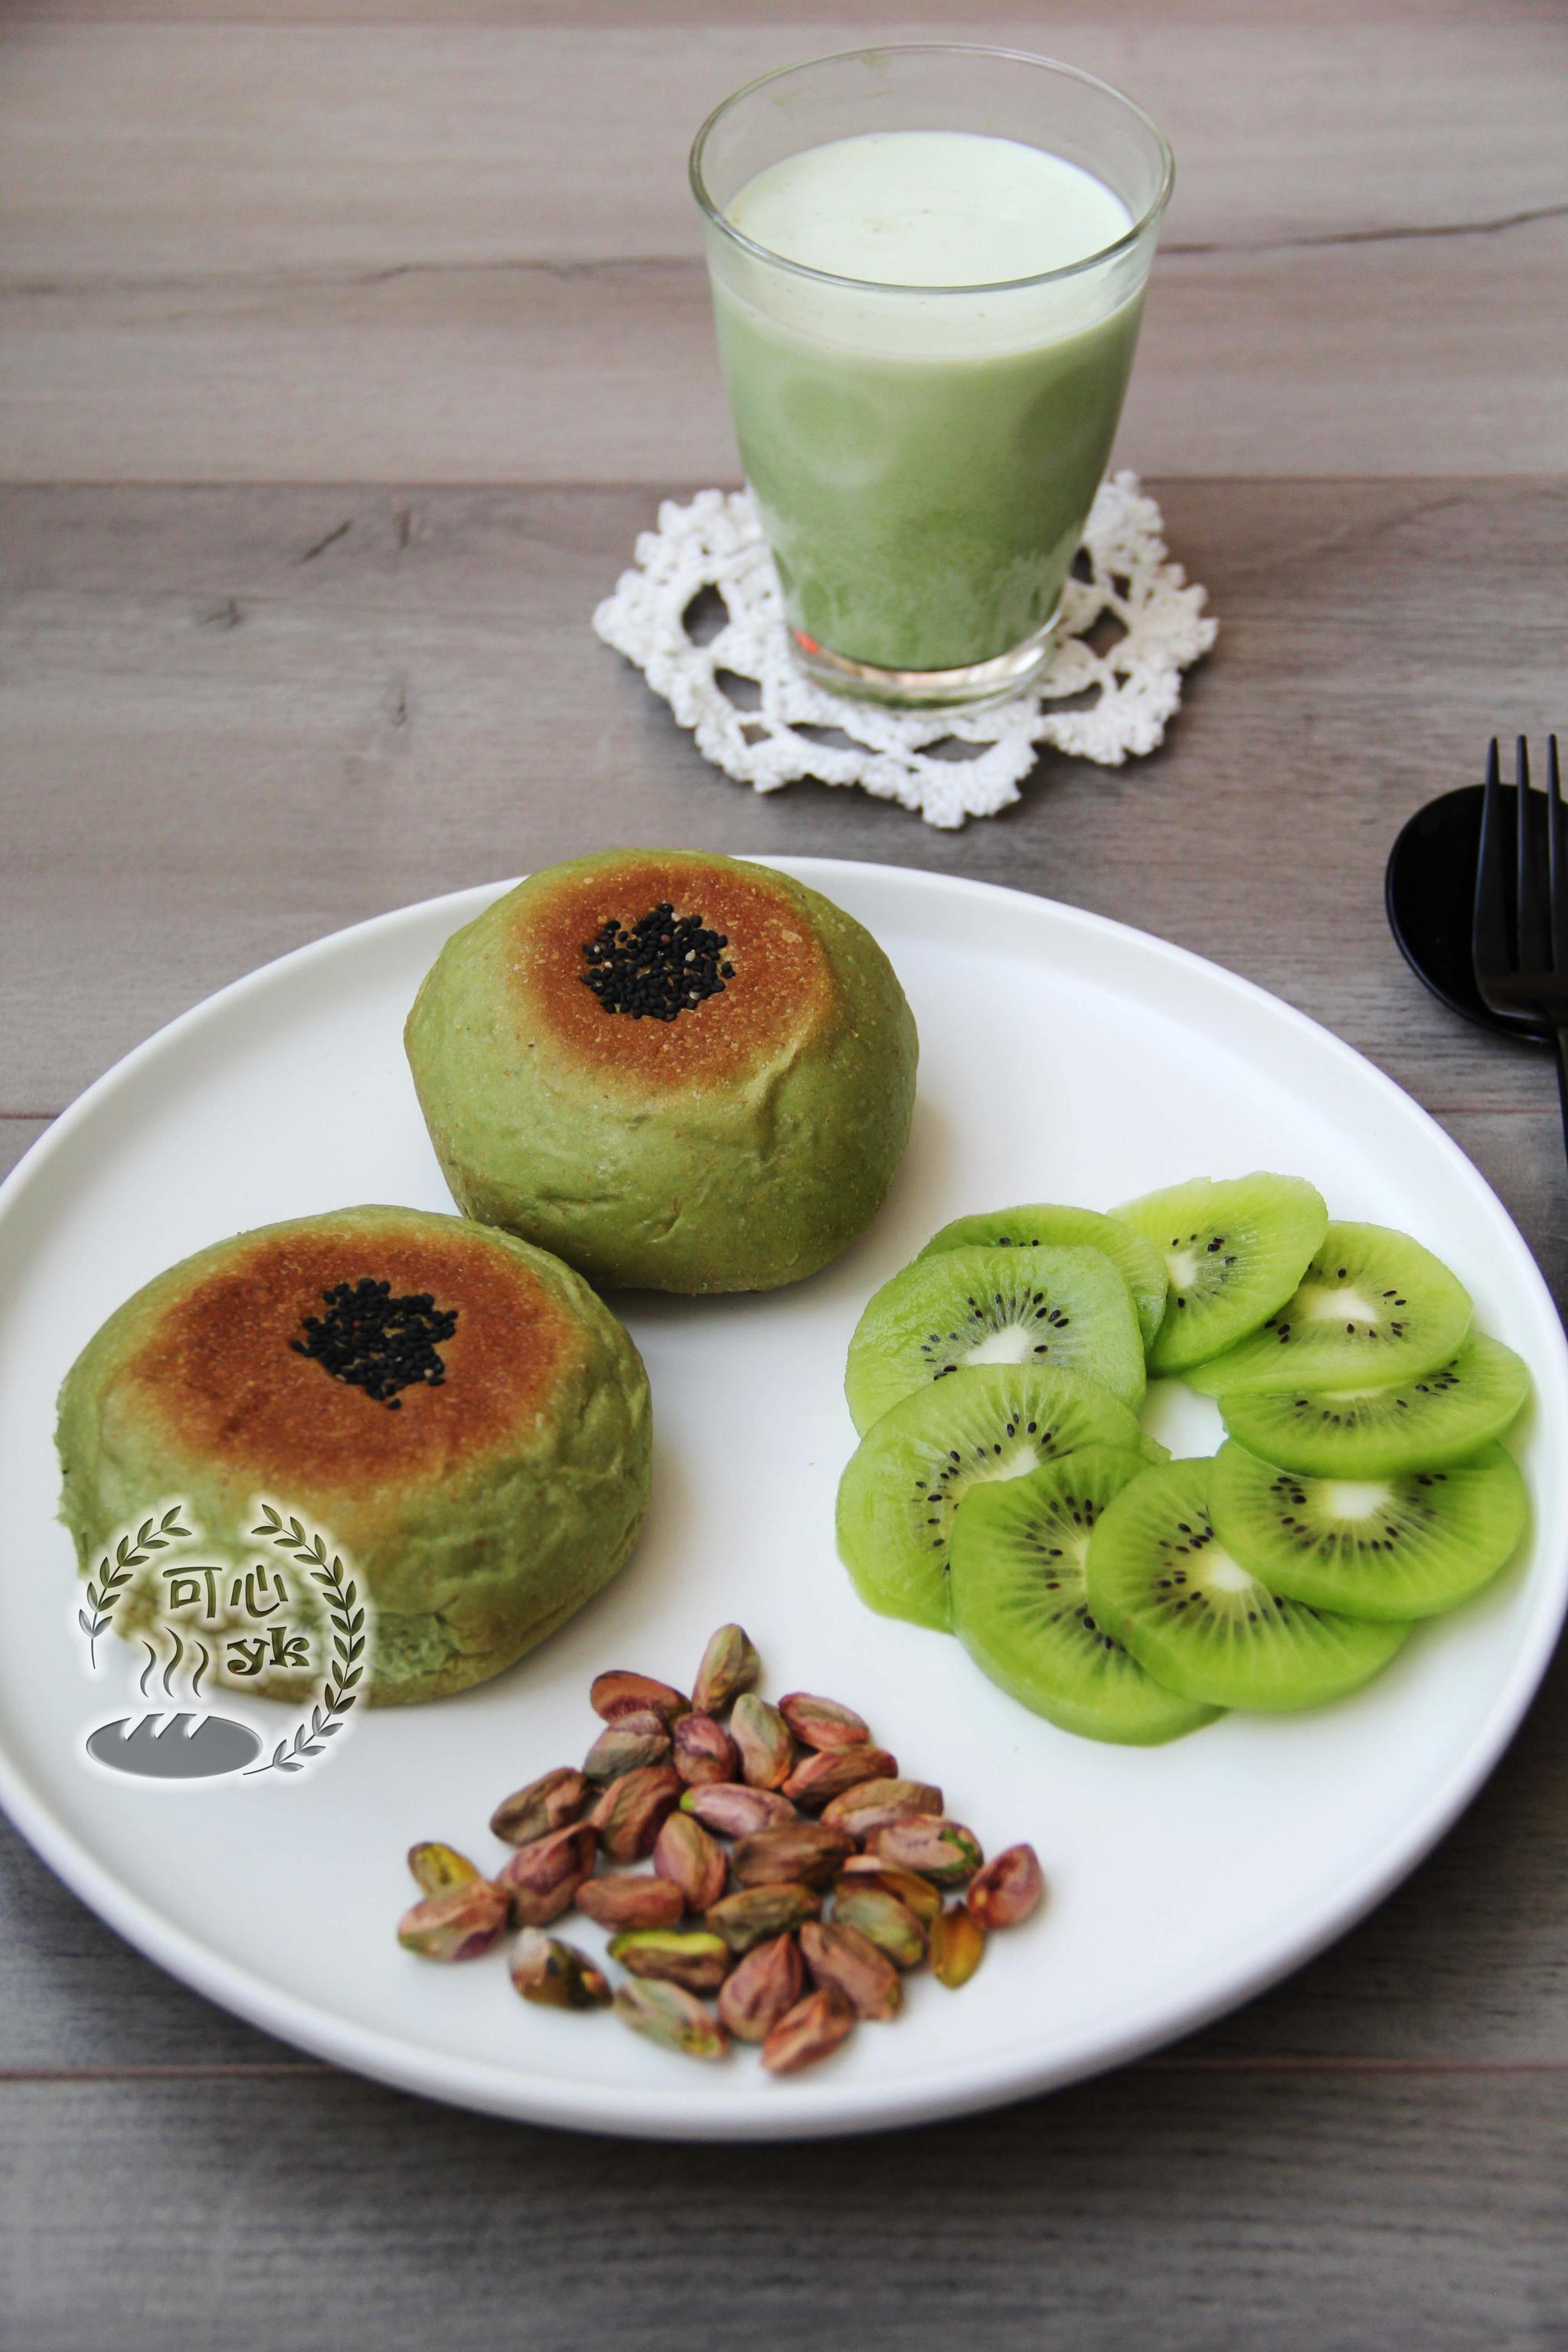 [调皮]今天的早餐:日式抹茶红豆包、弥猴桃、开心果、抹茶牛奶。